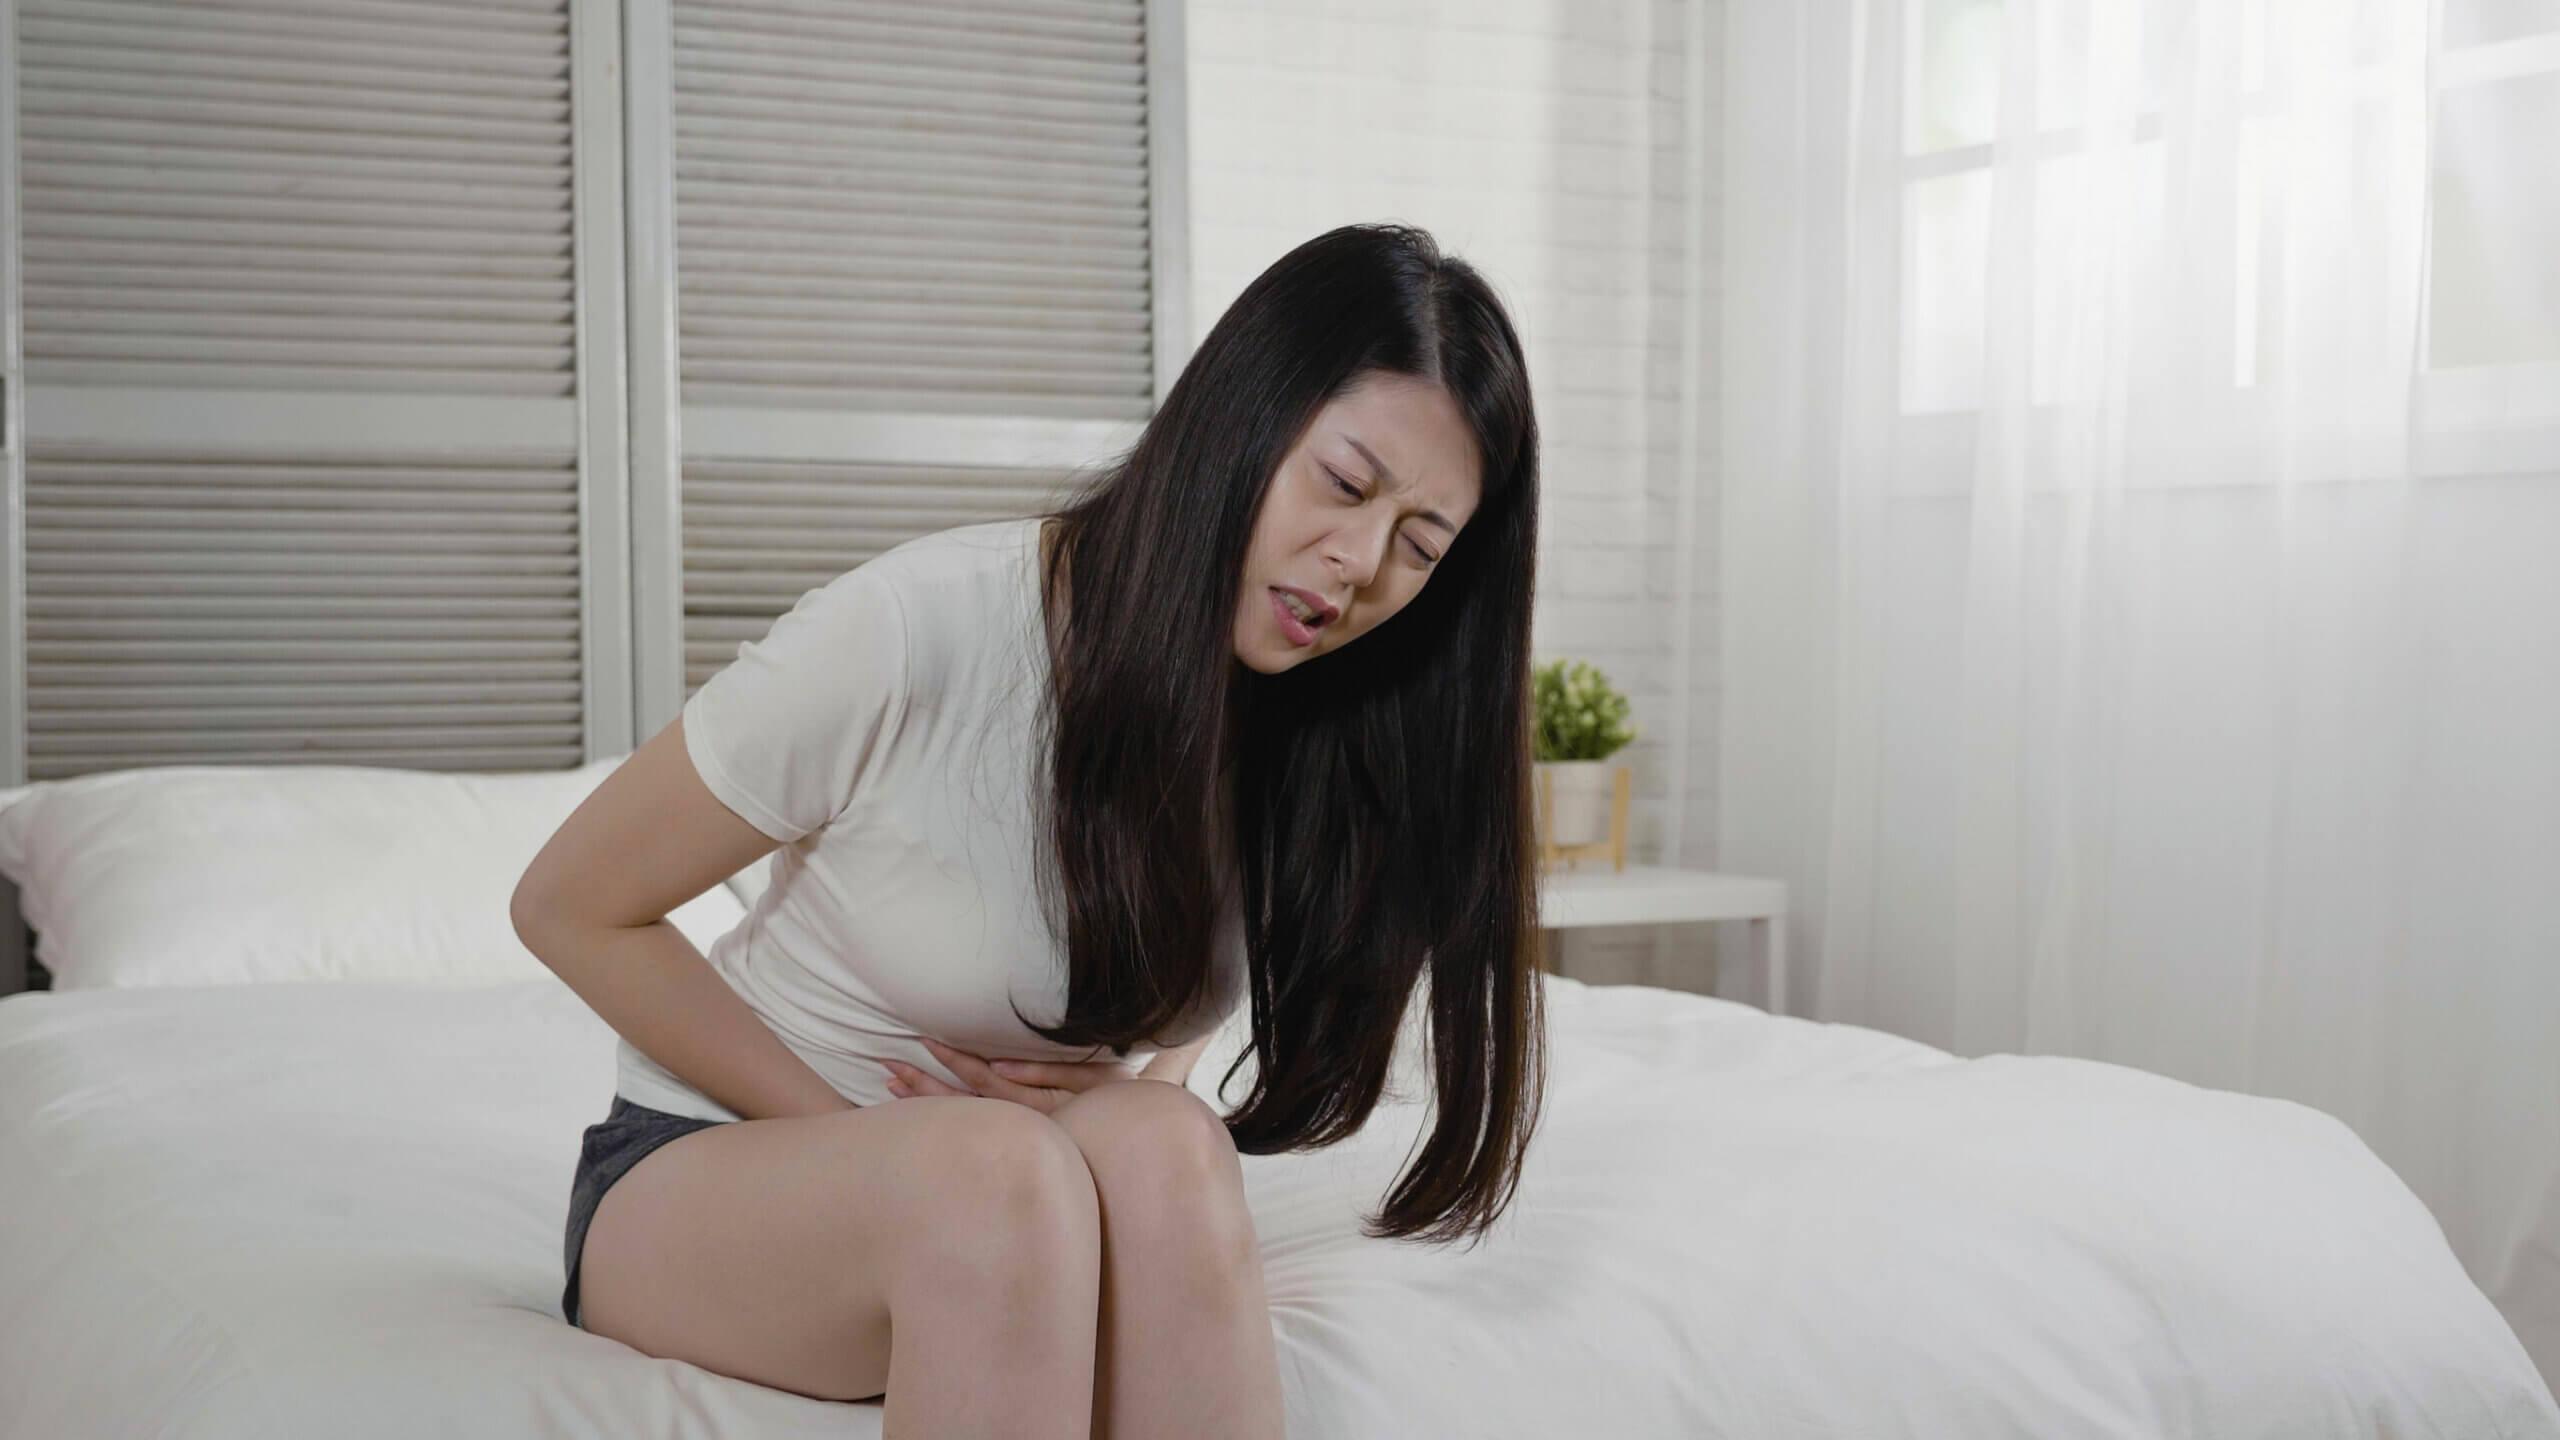 La comida caliente o fría puede causar intoxicaciones.